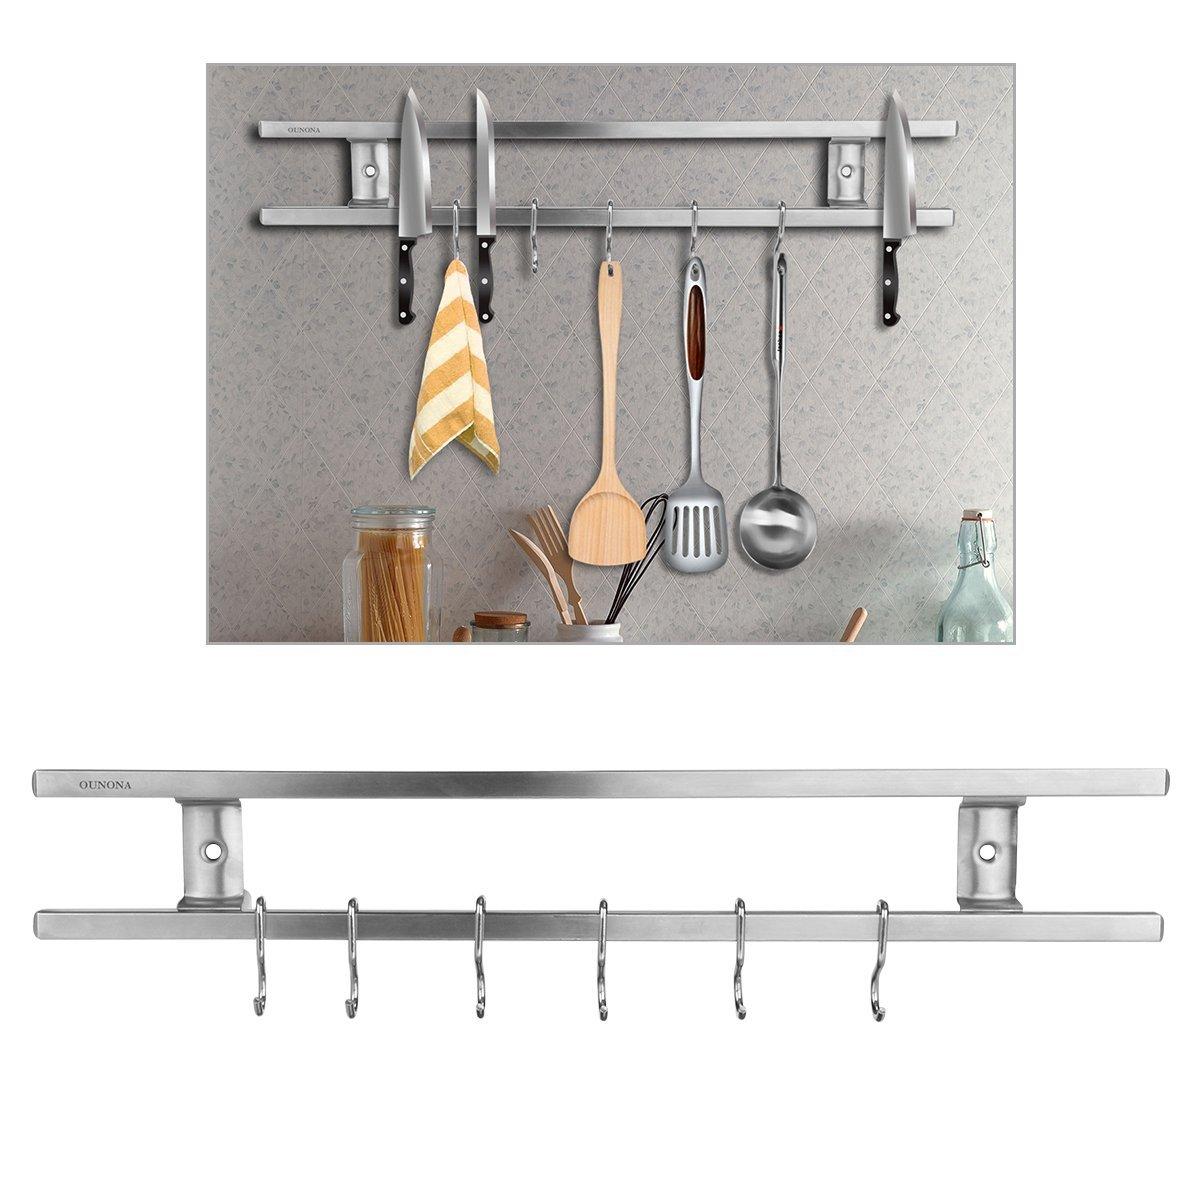 Accessoires malins pour optimiser la cuisine